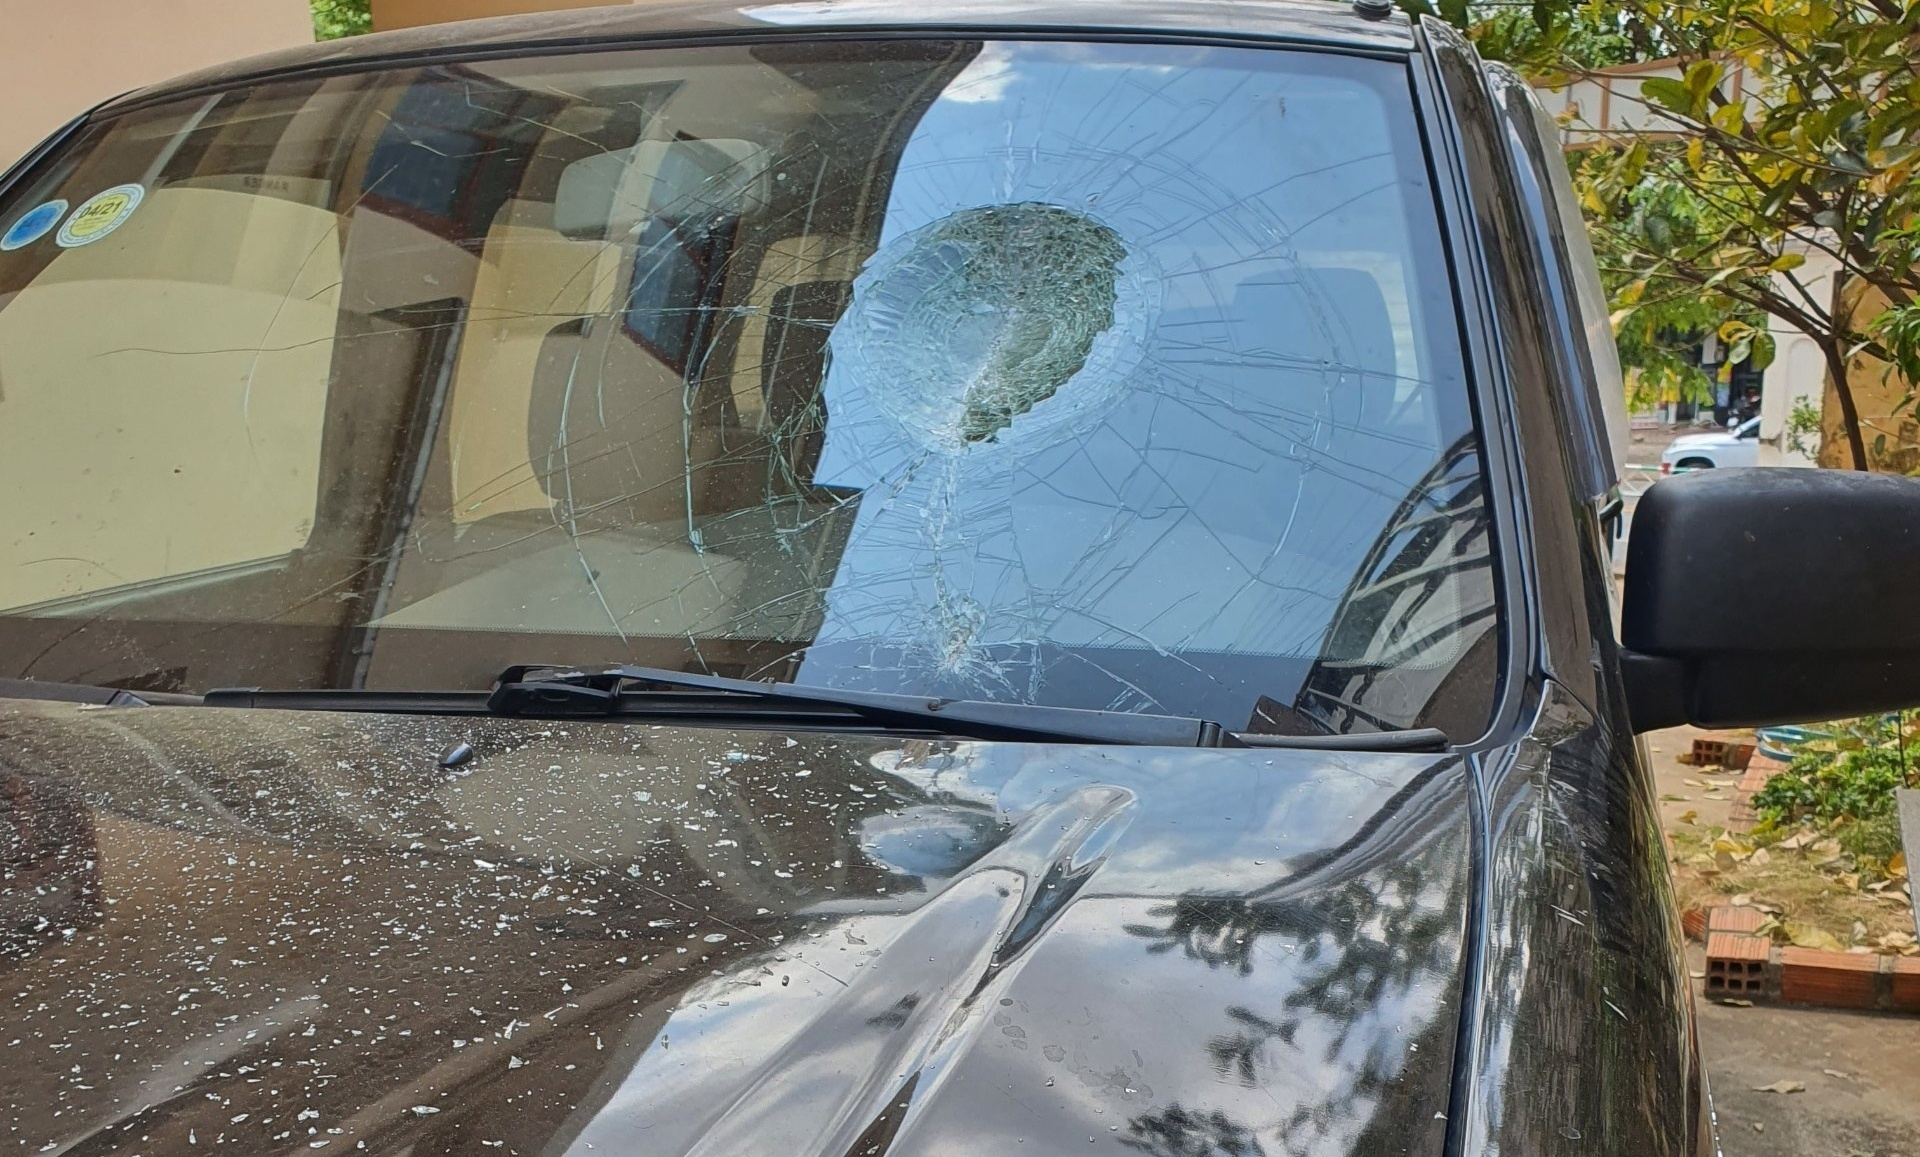 Giám đốc ban quản lý dự án đập vỡ kính ôtô đậu trước nhà